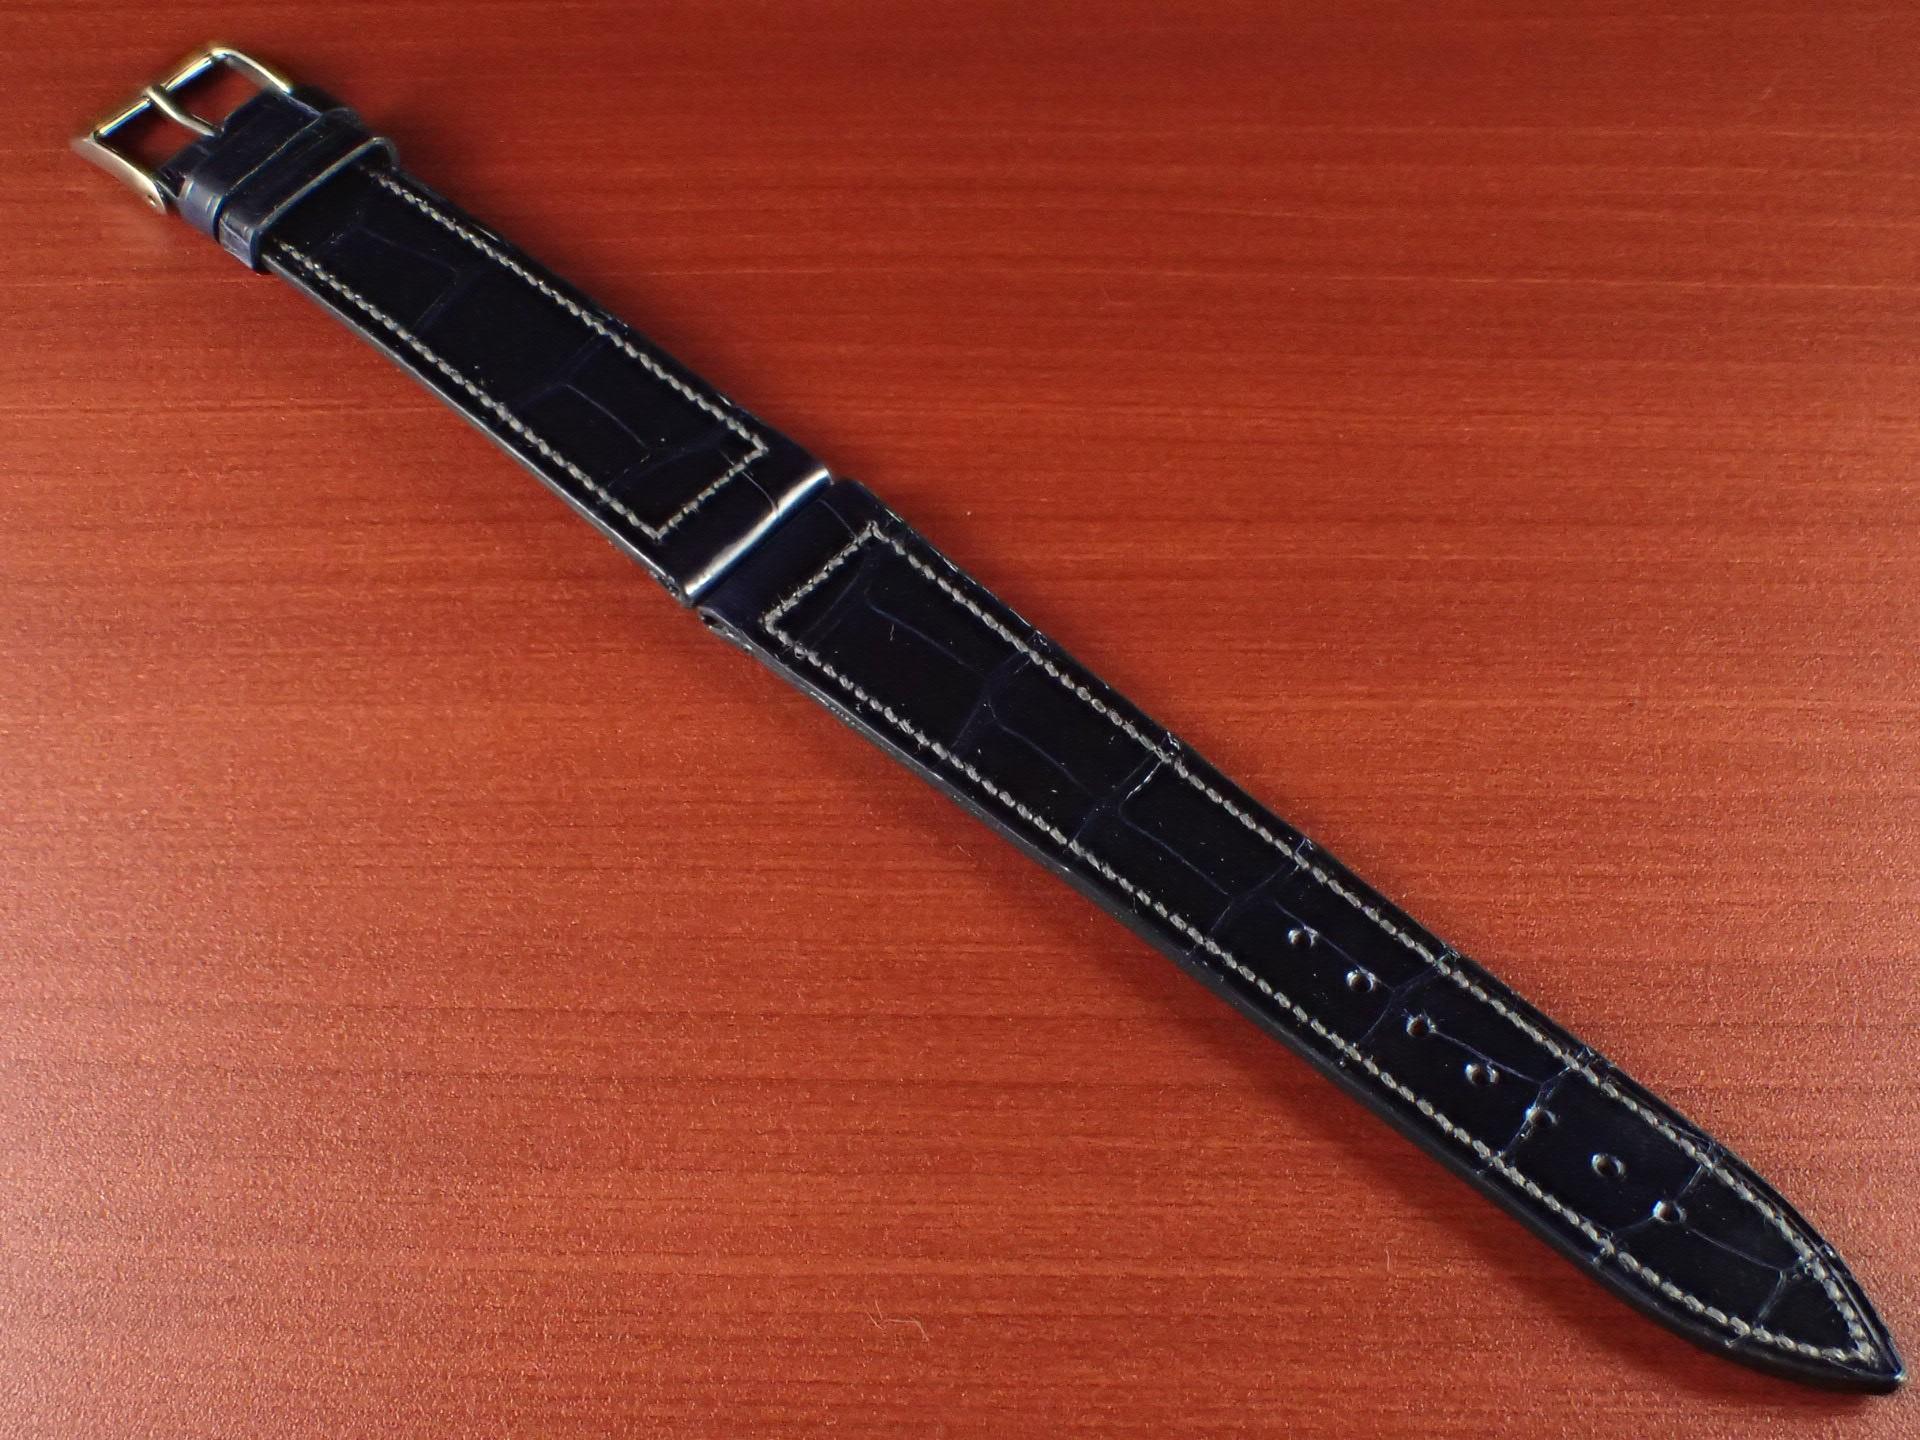 ジャン・クロード ペラン革ベルト クロコダイル ネイビー(シャイニー)18mmのメイン写真